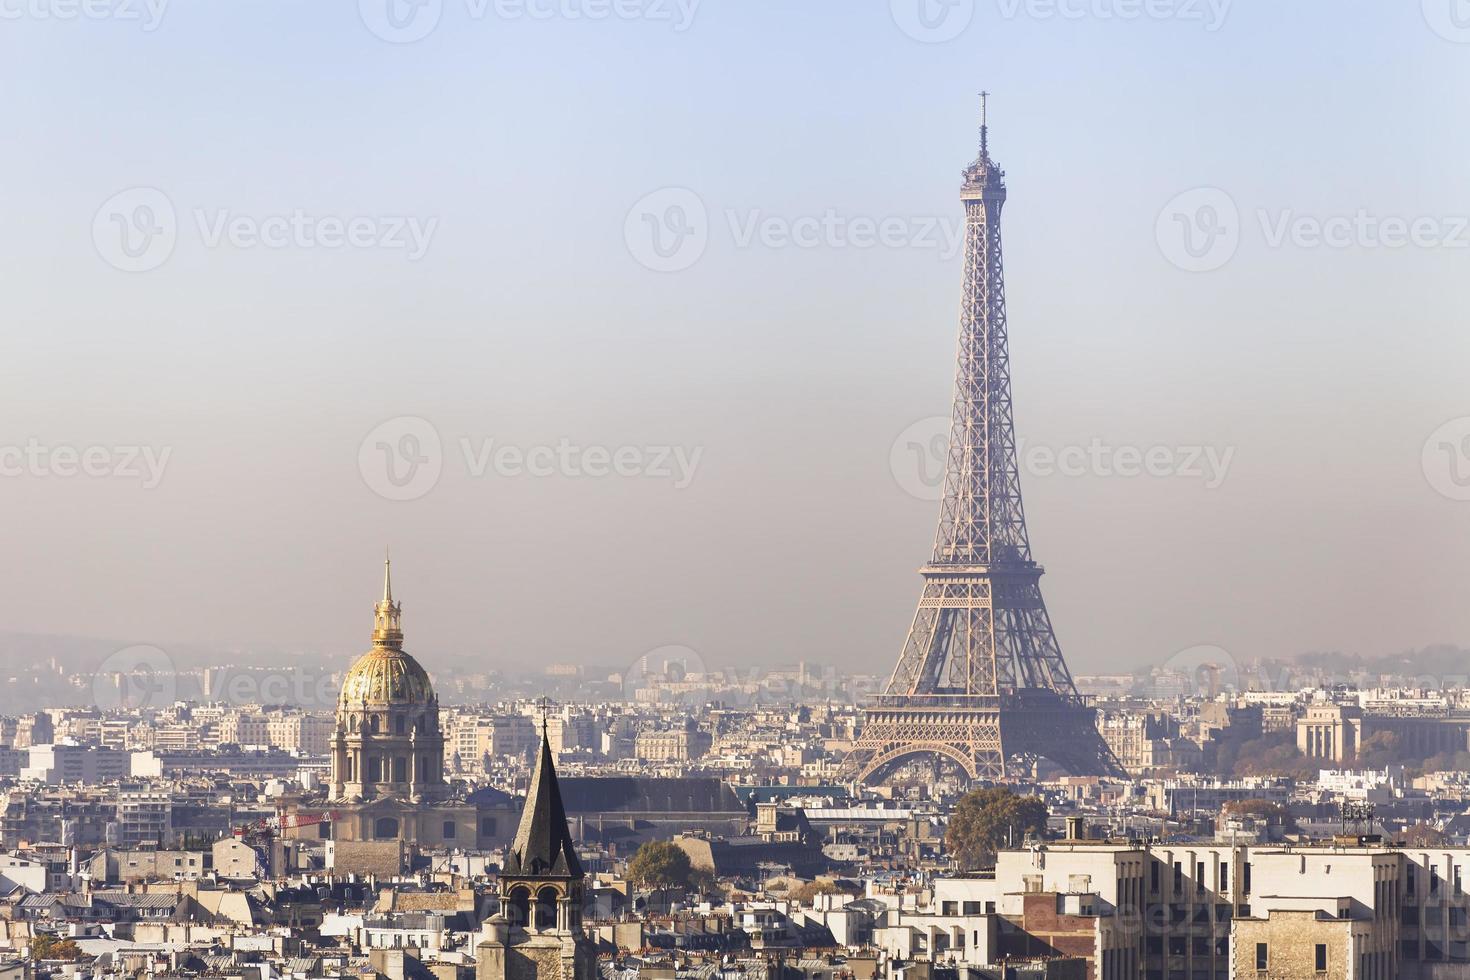 föroreningar i Paris, flygfoto över Eiffeltornet med smog foto